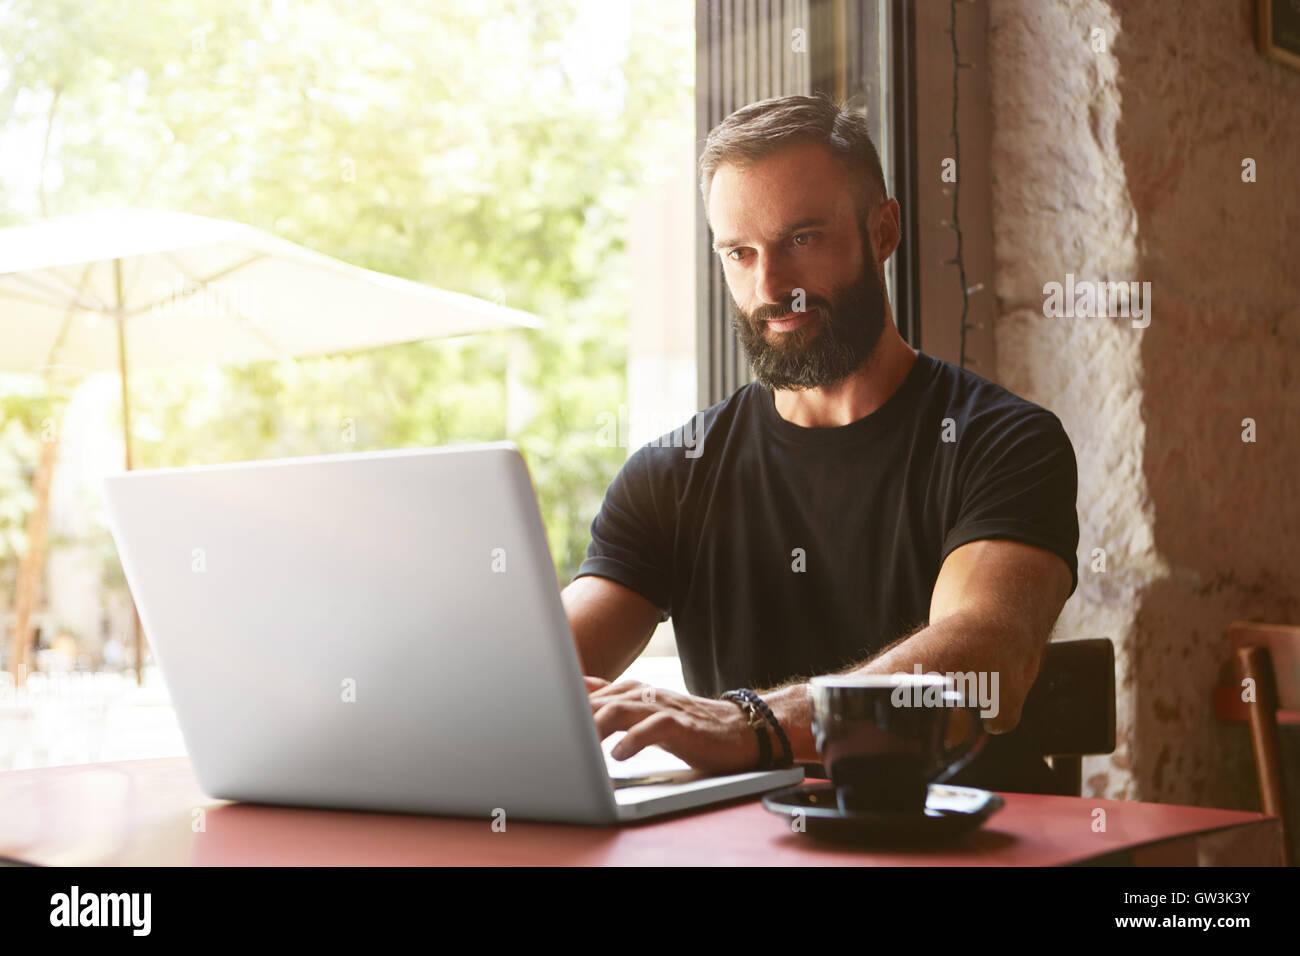 Bello barbuto imprenditore vestita di nero Tshirt Notebook di lavoro tavolo in legno Urban Cafe.giovane manager Immagini Stock